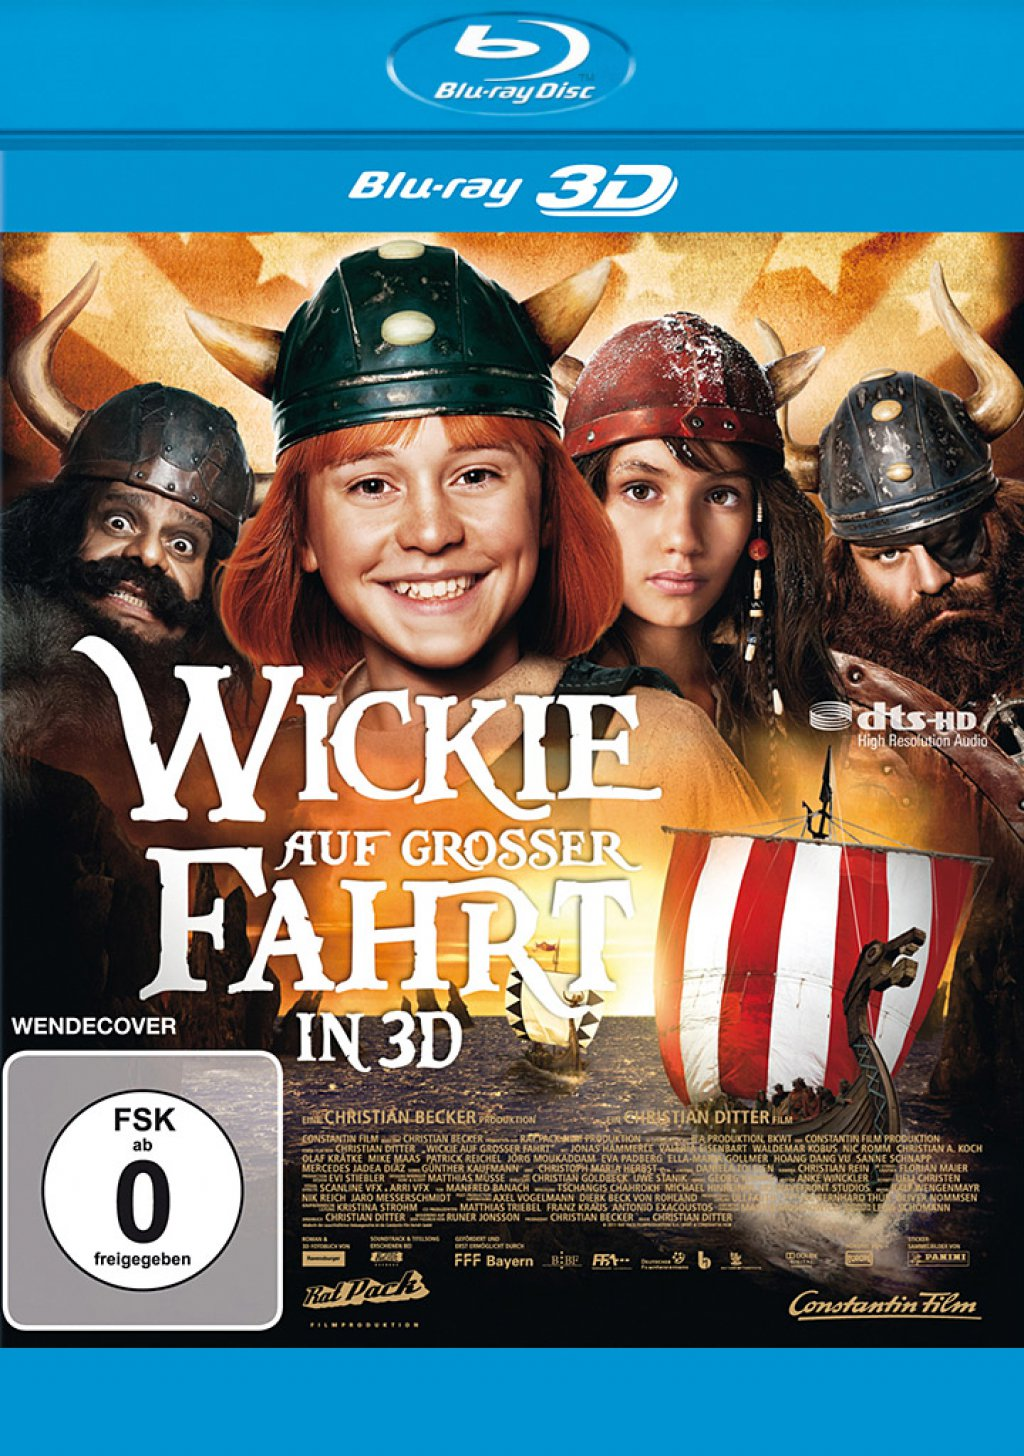 Wickie auf grosser Fahrt 3D - Blu-ray 3D (Blu-ray)